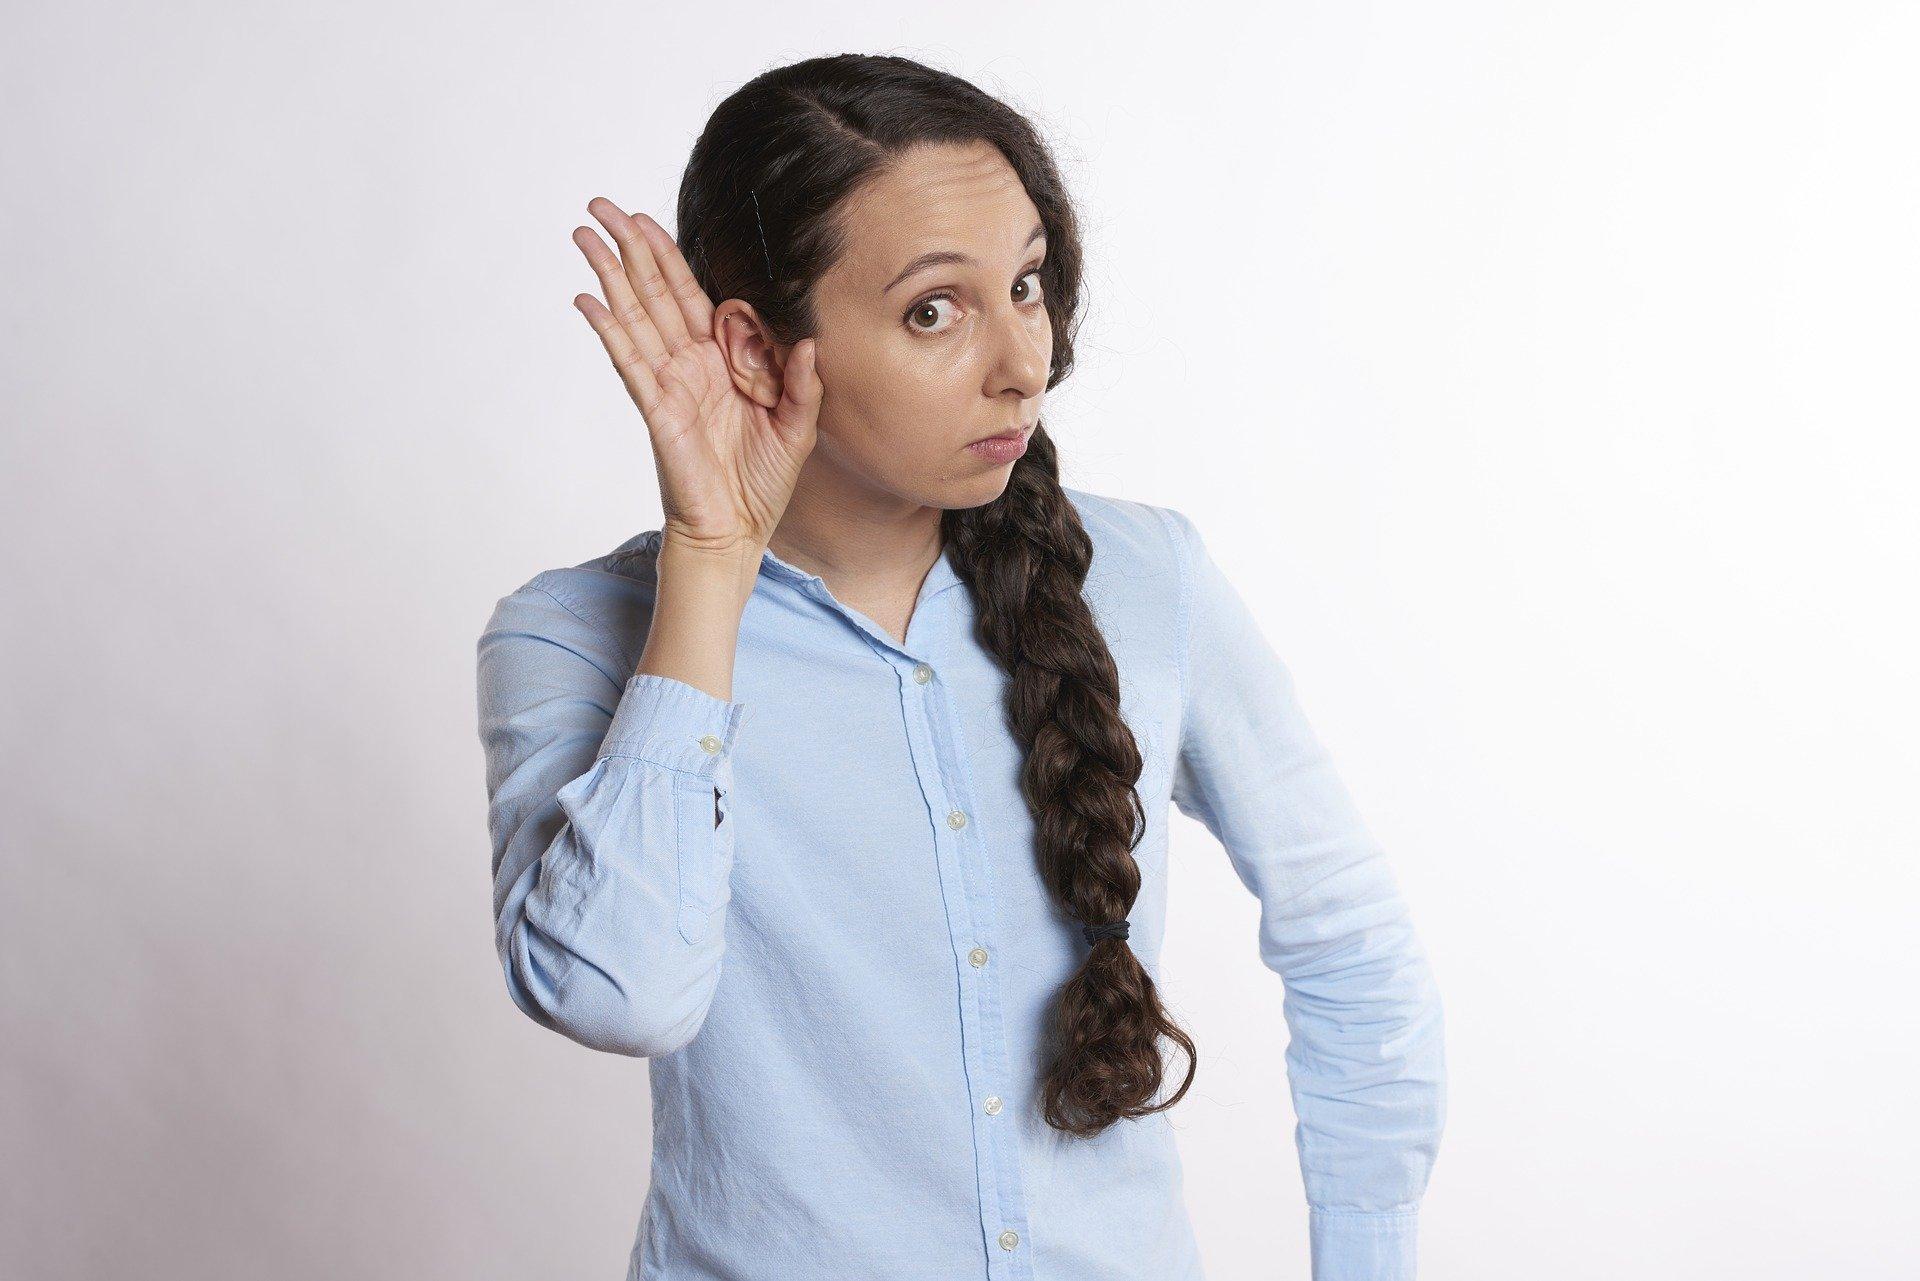 Jeśli nie wiesz co zrobić z zatkanym uchem, wszystkie niezbędne informację znajdziesz tutaj